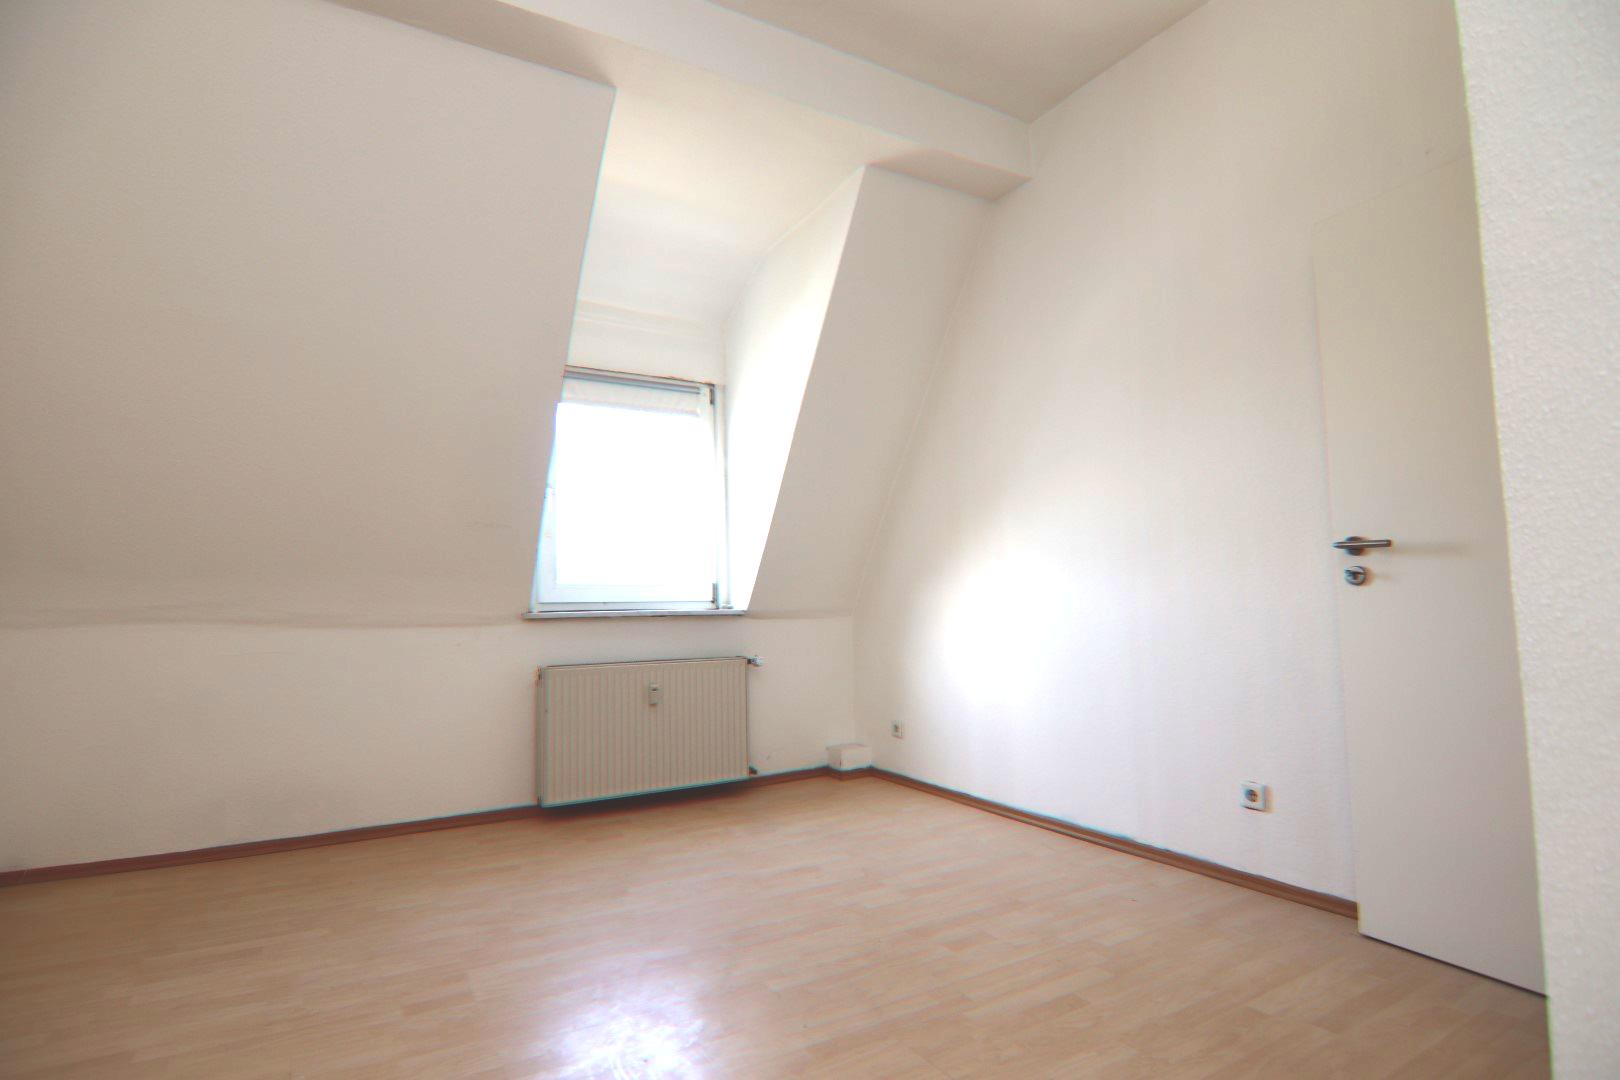 Immobilie Nr.334 - MFH mit acht Wohnungen - Bild 6.jpg